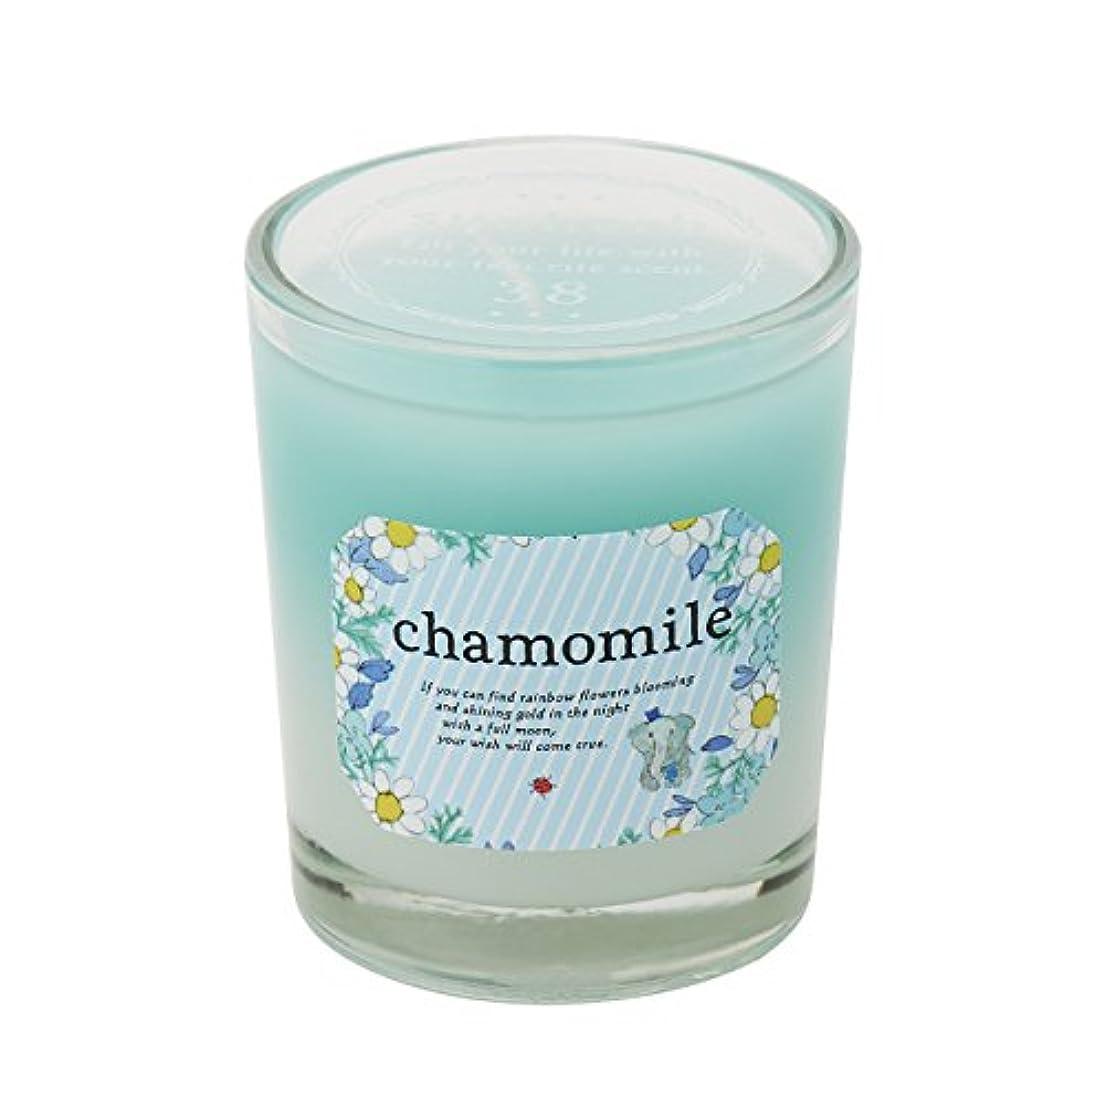 有益到着そうサンハーブ グラスキャンドル カモマイル 35g(グラデーションろうそく 燃焼時間約10時間 やさしく穏やかな甘い香り)